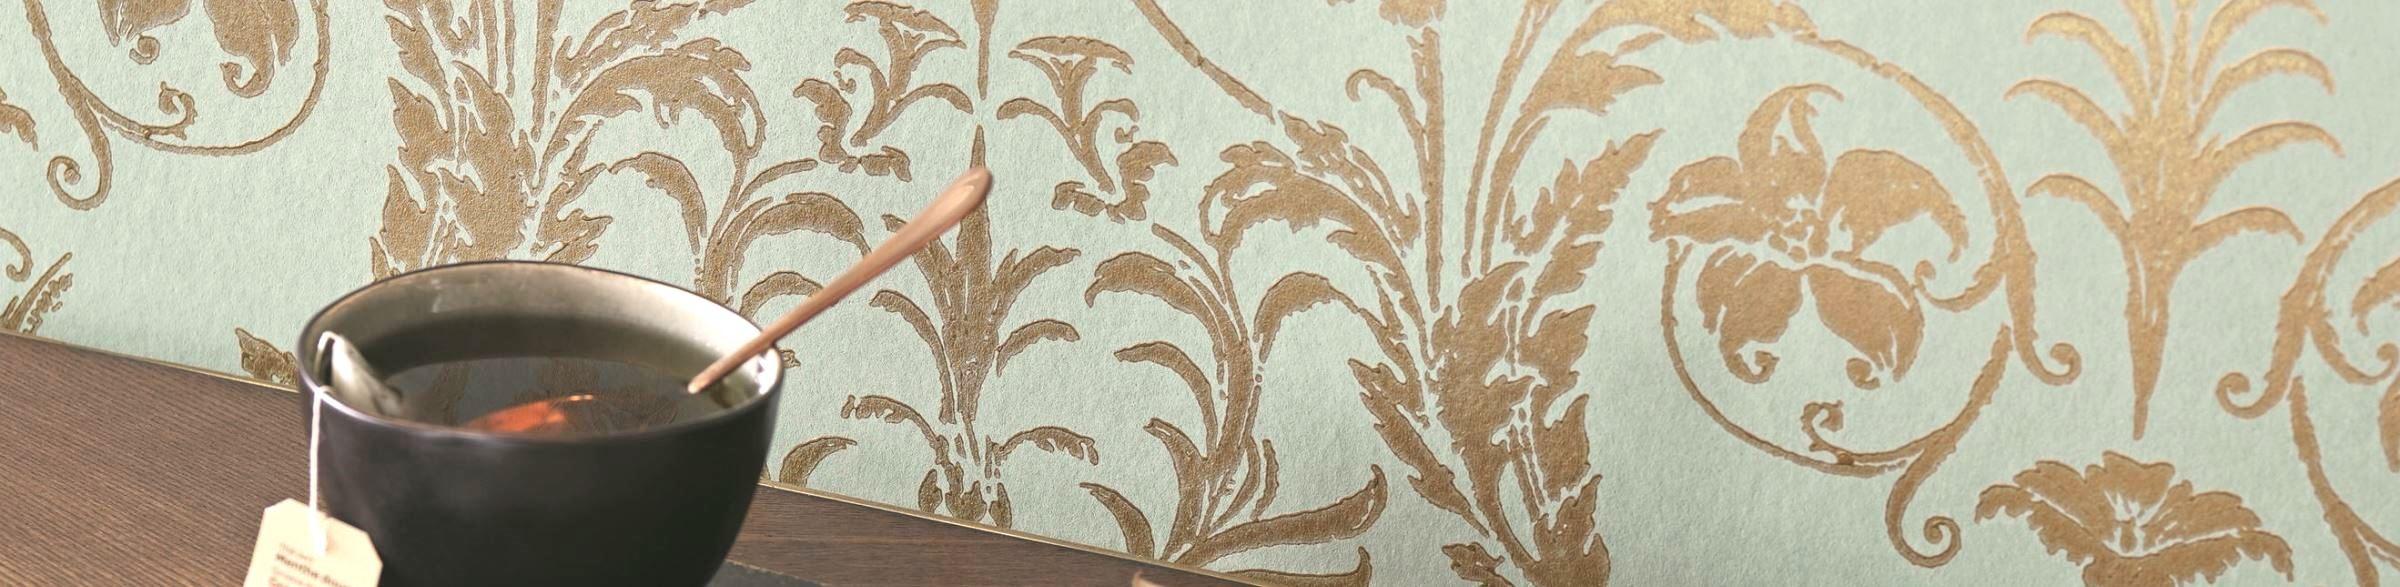 Papier peint intissé à l'ambiance classique au motif d'arabesques de la collection Montségur